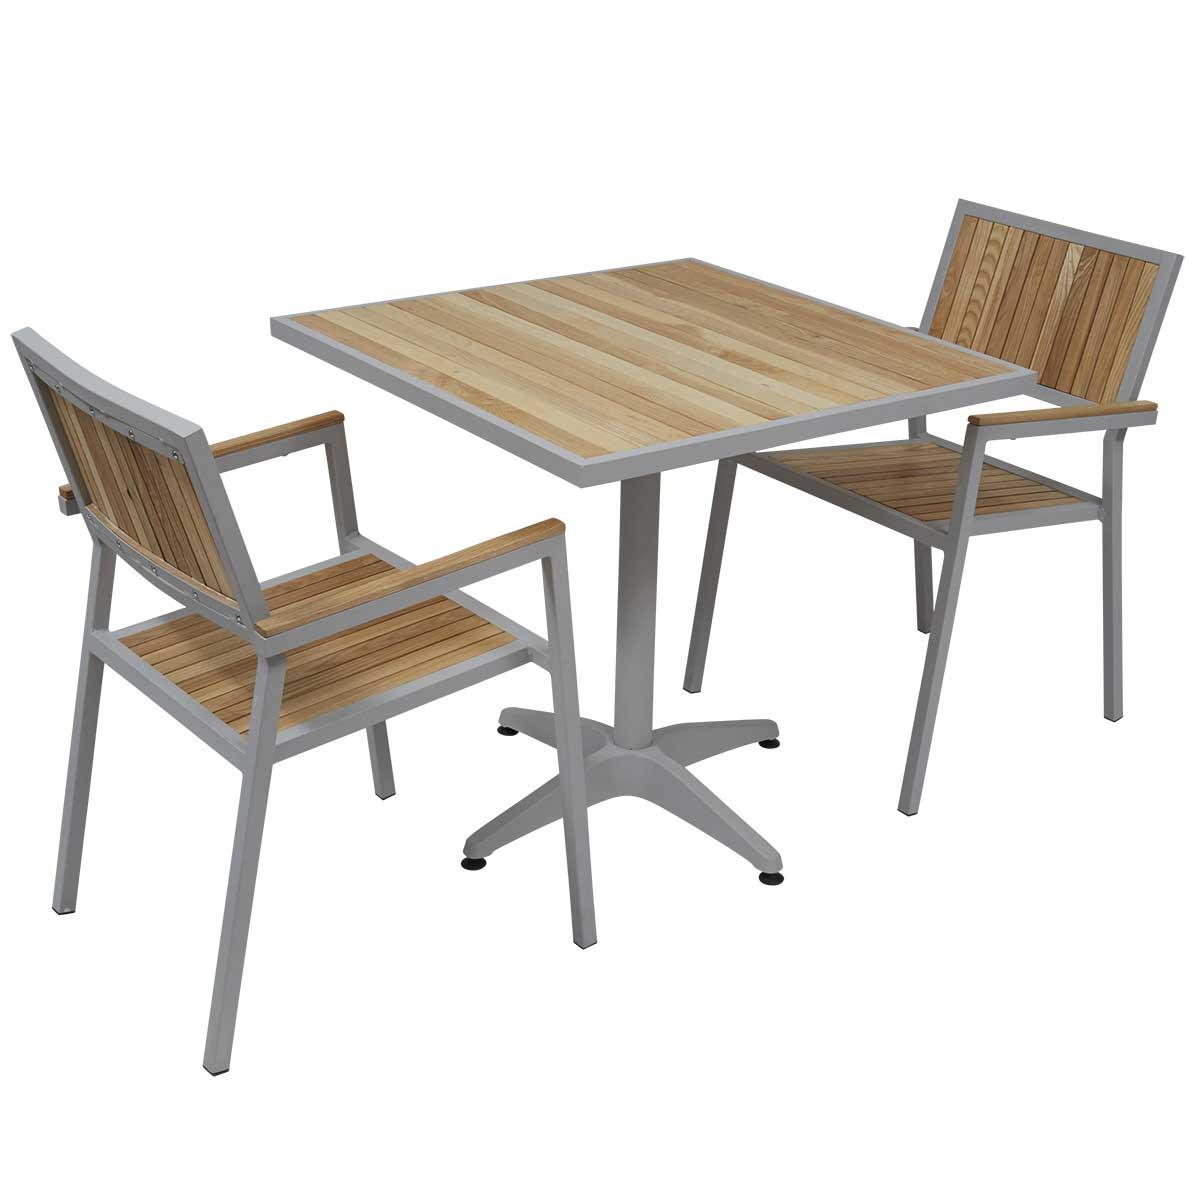 table et chaise de jardin bois maison fran ois fabie. Black Bedroom Furniture Sets. Home Design Ideas